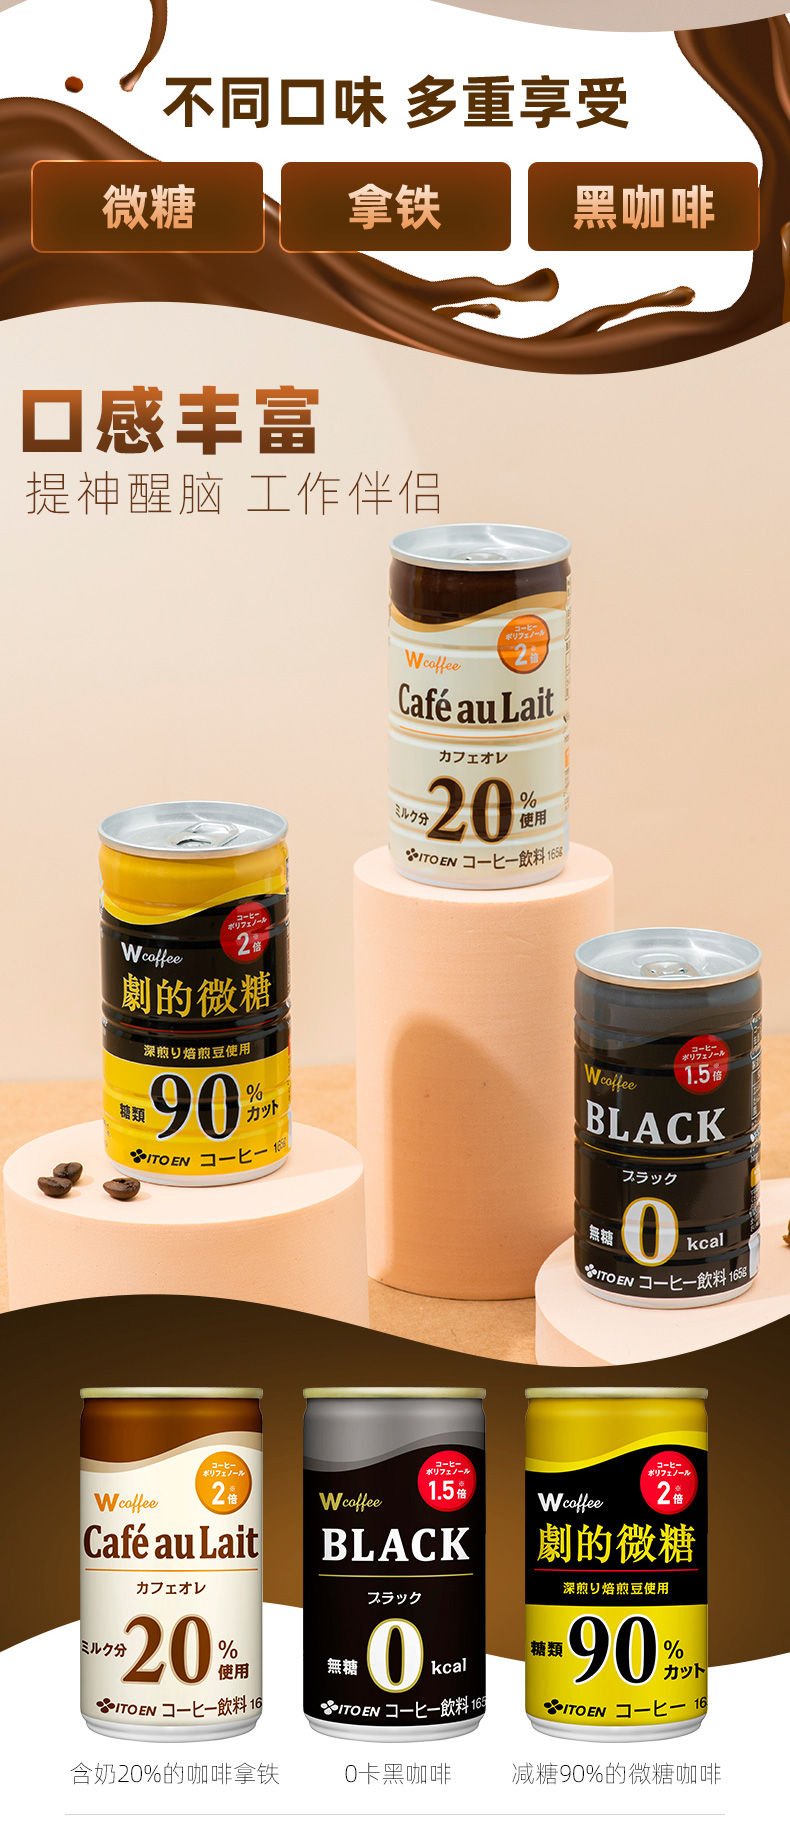 临期特价!日本进口 伊藤园ITOEN Wcoffee 即饮微糖咖啡 165gx30罐 券后60元包邮(原价150元) 买手党-买手聚集的地方